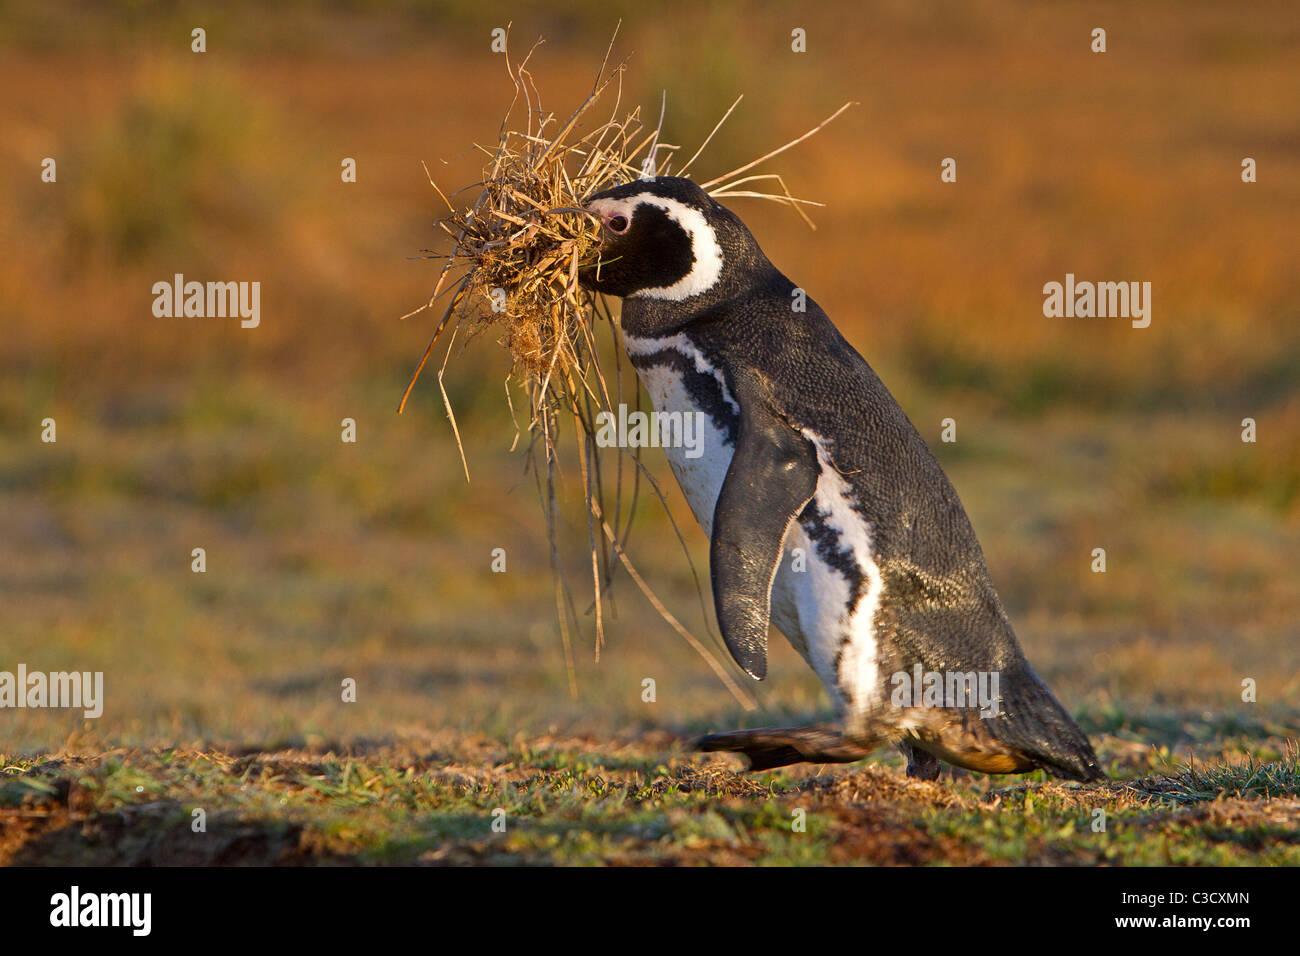 Magellanic Penguin (Spheniscus magellanicus) carrying nesting material. Sea Lion Island, Falkland Islands. - Stock Image